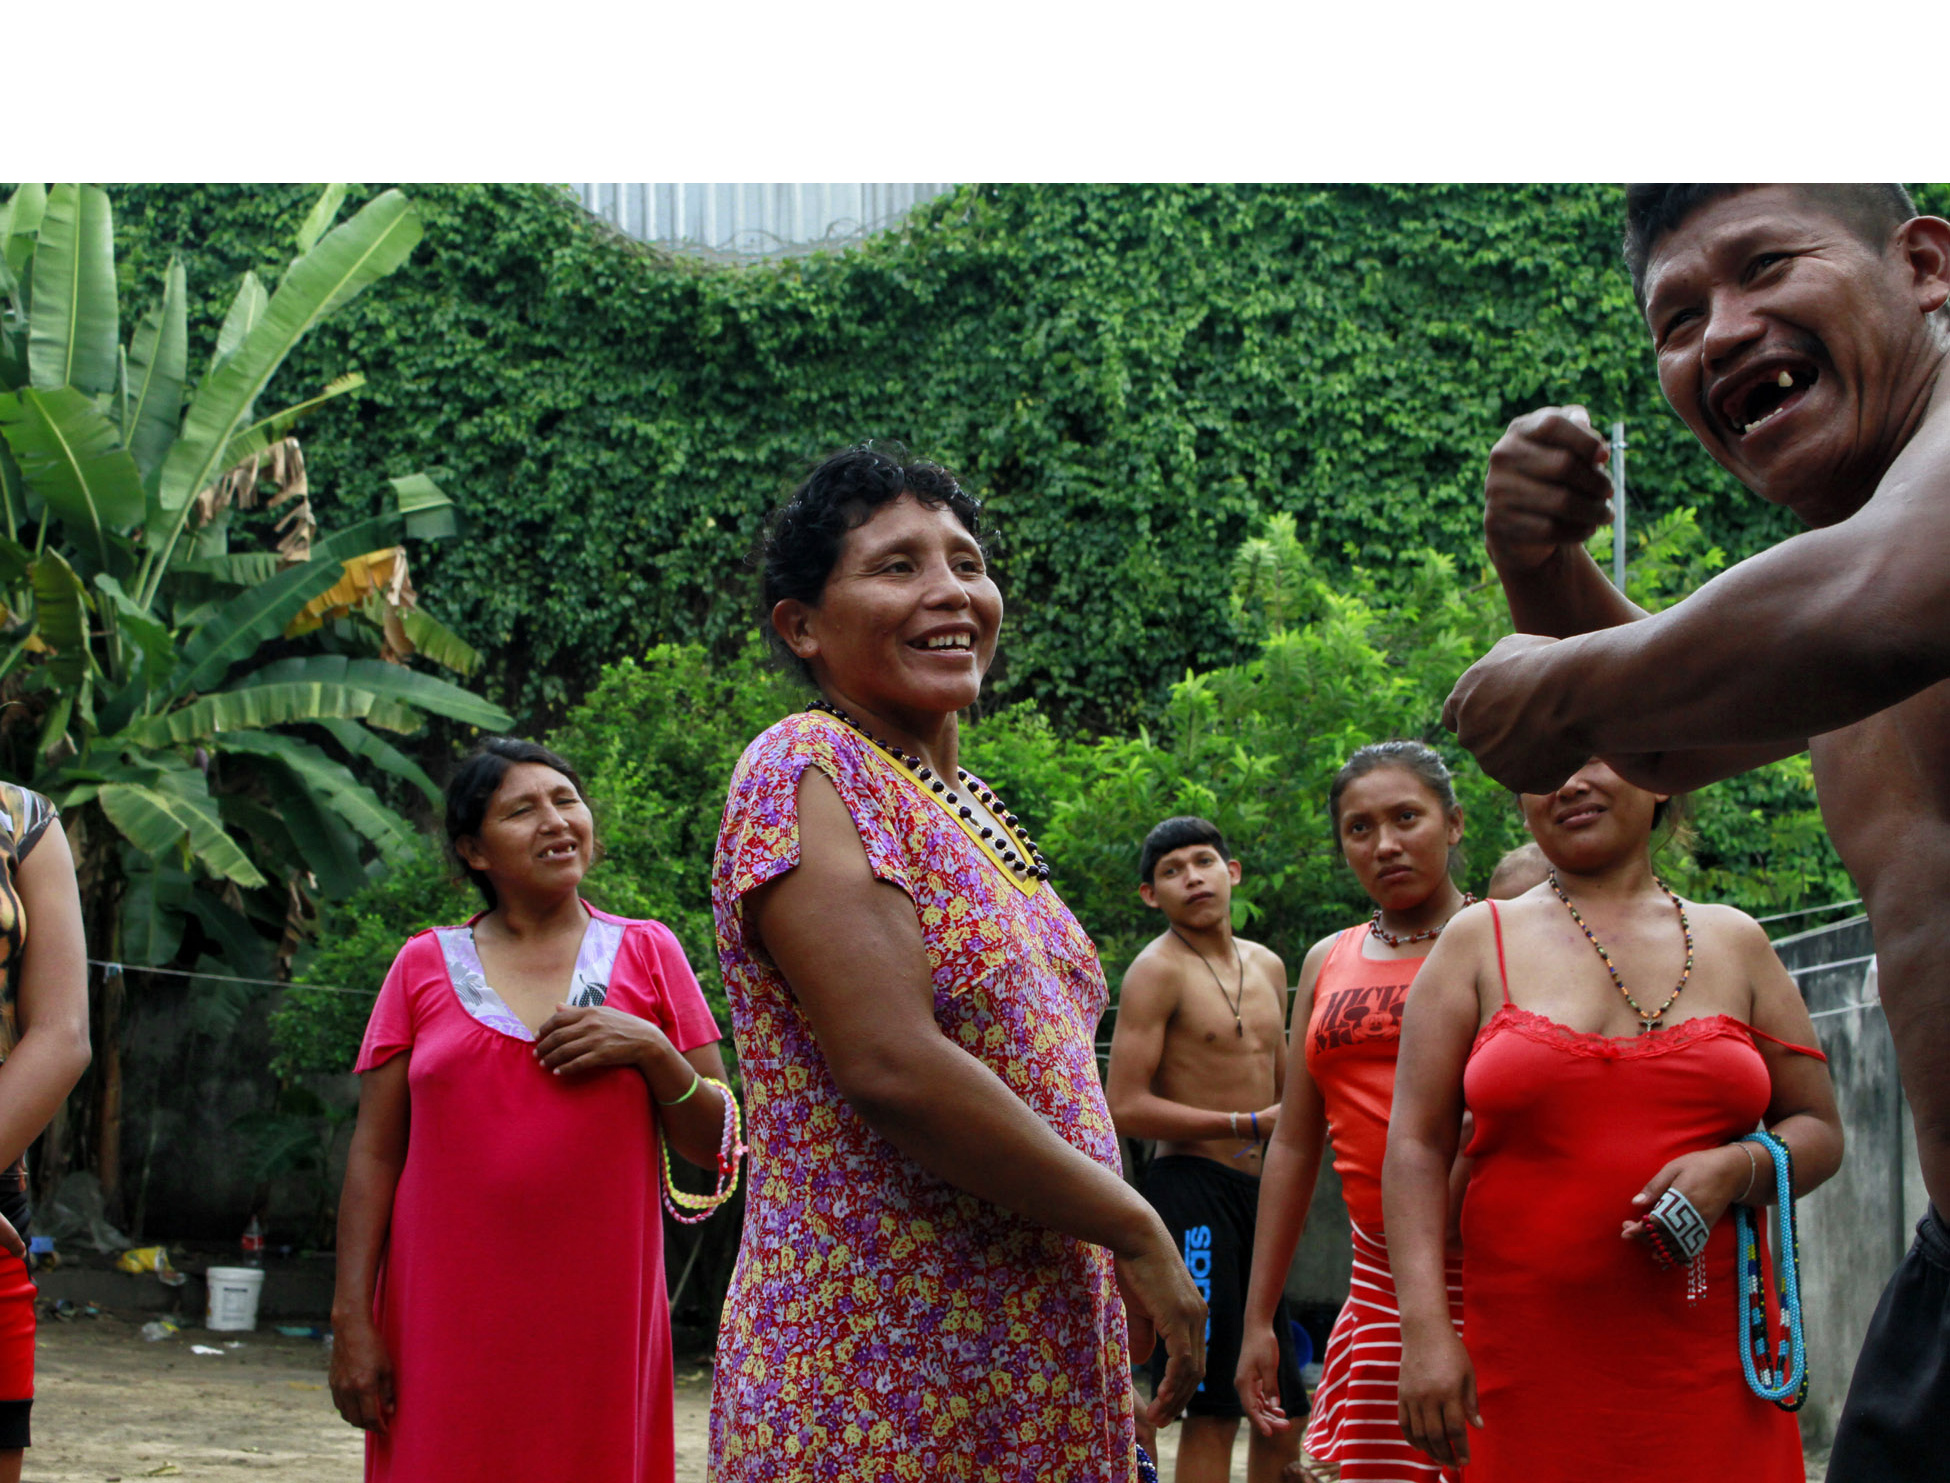 Migrante cidadão: índios Warao perdem abrigo de triagem em Manaus